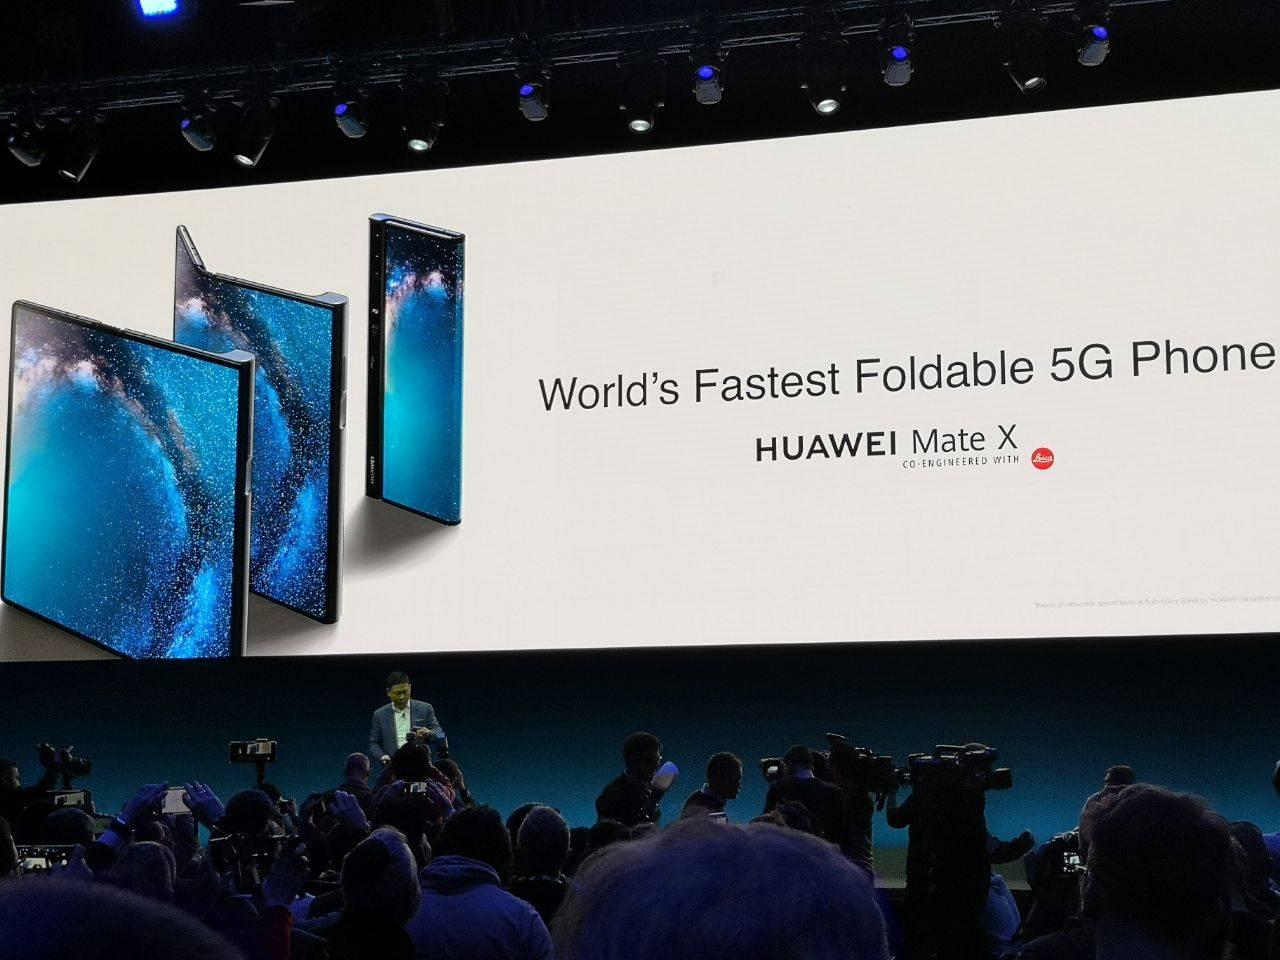 ¿Cuántas veces se puede doblar el Huawei Mate X sin fallar?